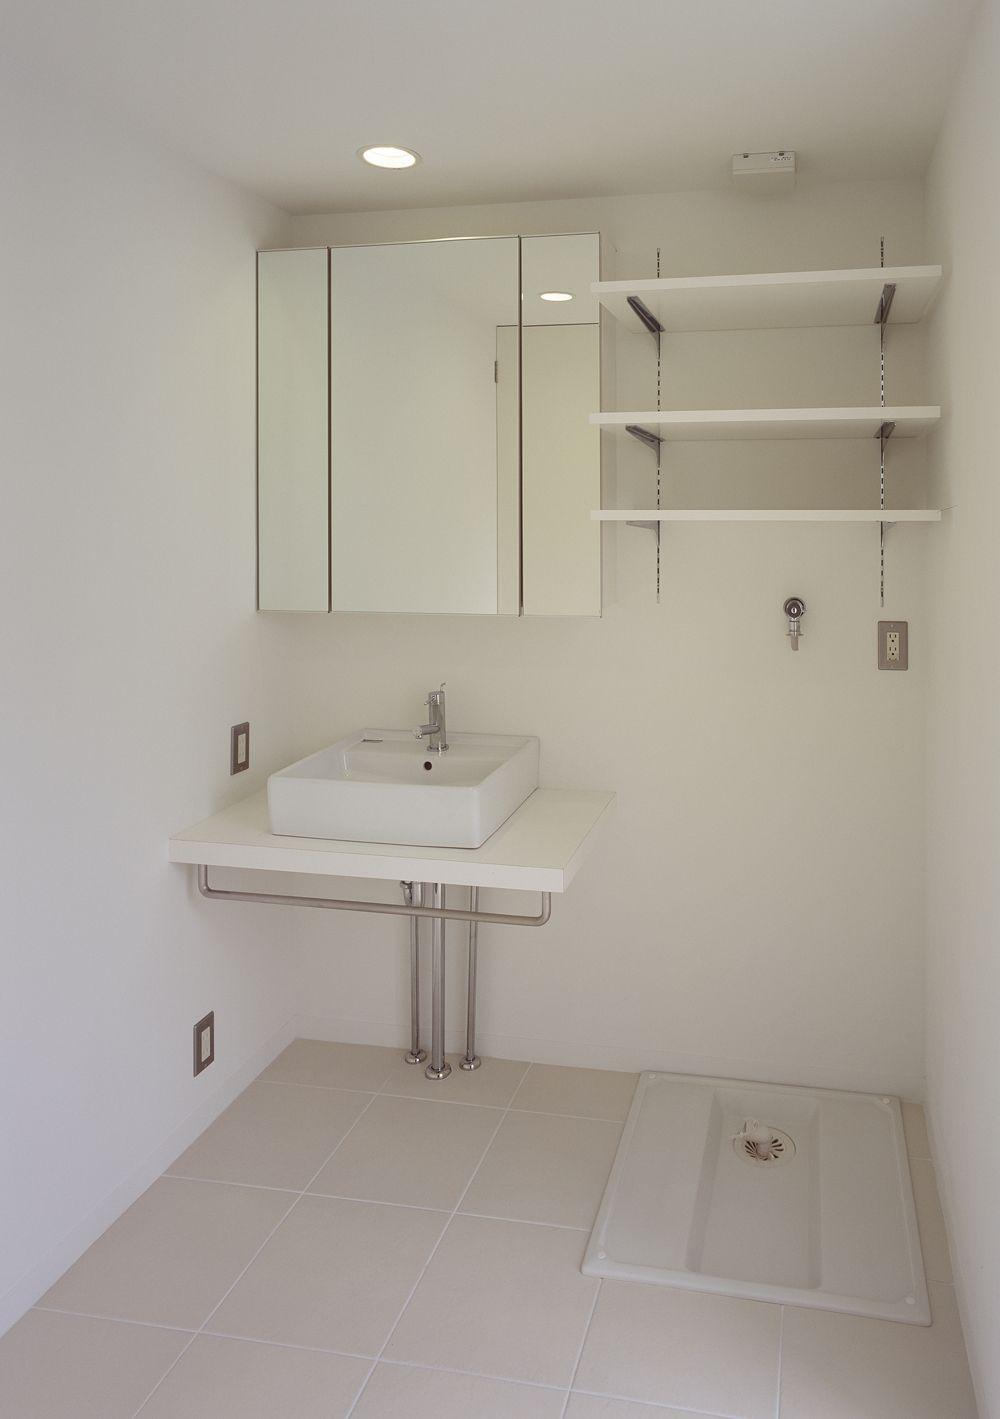 バスルームと同じ白い床タイルを使用した コンパクトにまとめた洗面所